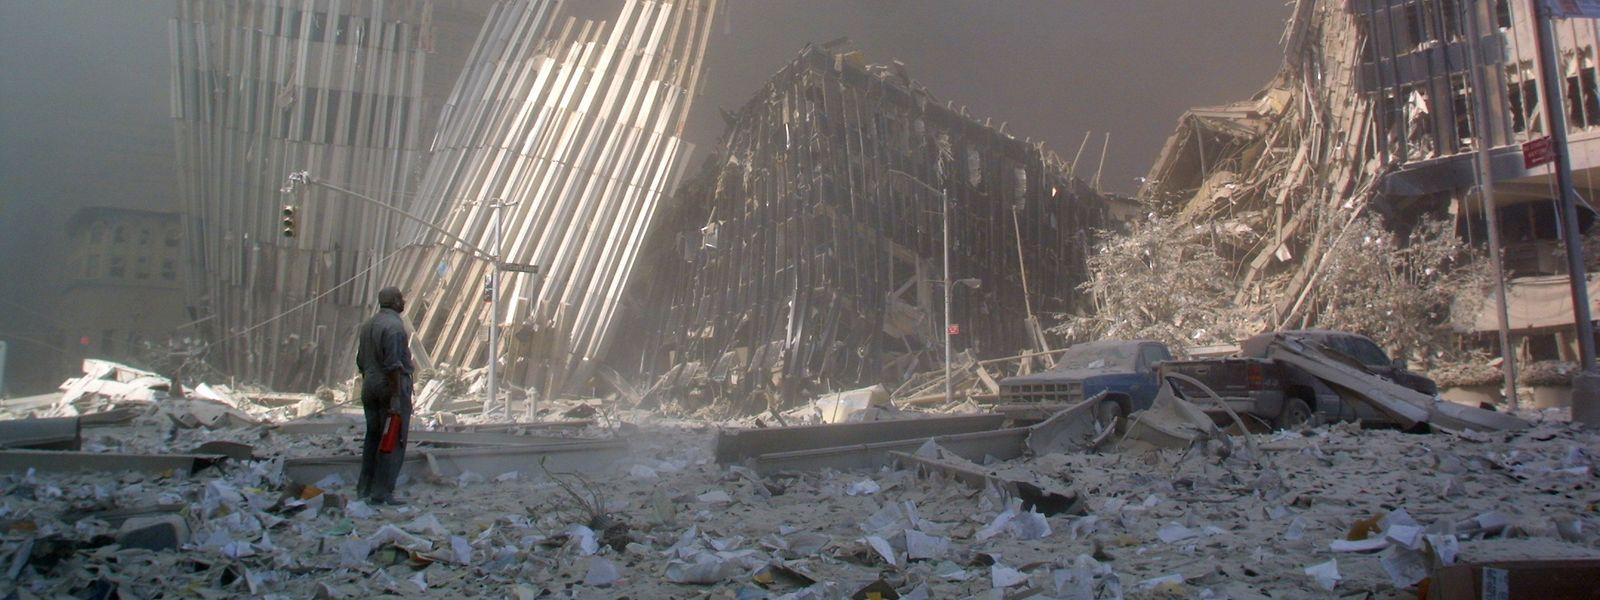 Die Anschläge traumatisierten die USA und die ganze Welt.